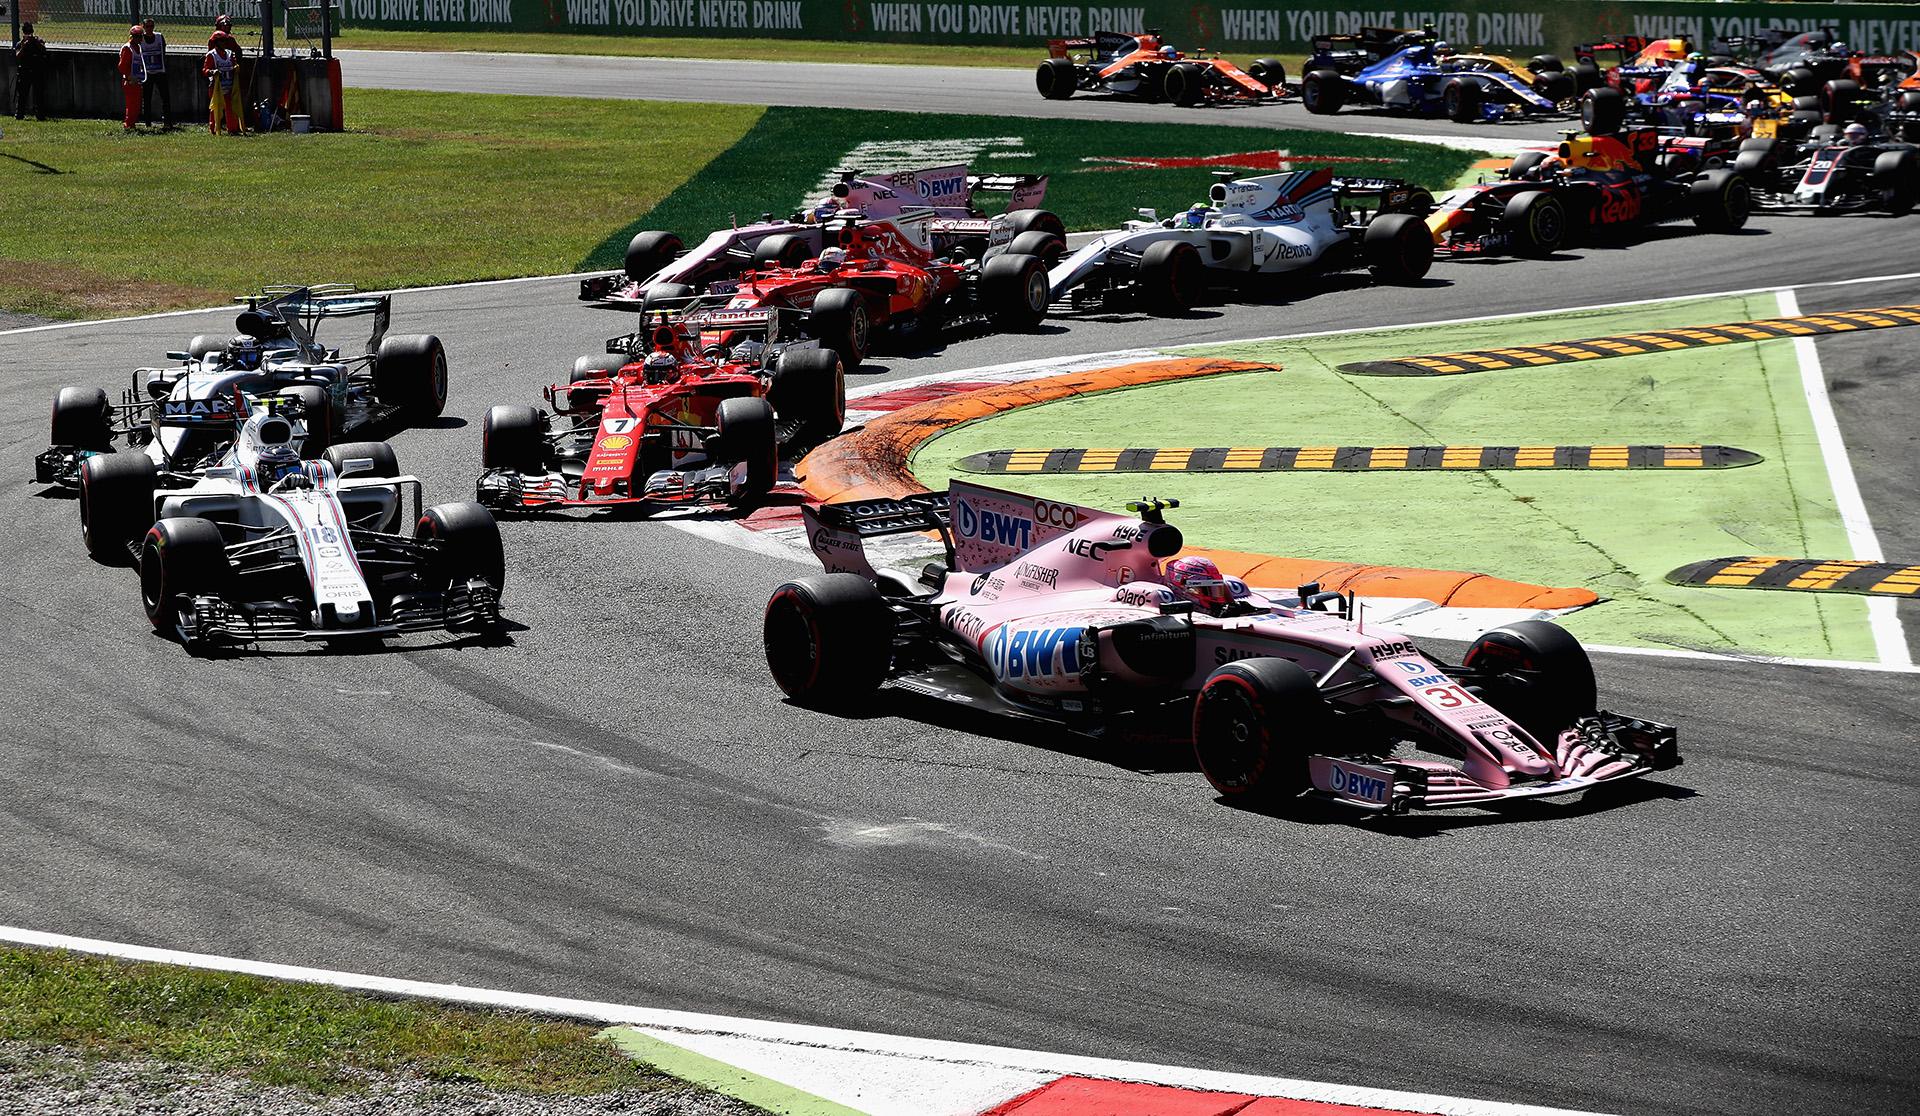 El australiano Daniel Ricciardo (Red Bull) protagonizó la remontada del día al acabar cuarto -tras haber arrancado decimosexto-, por delante del otro Ferrari, el del finlandés Kimi Raikkonen